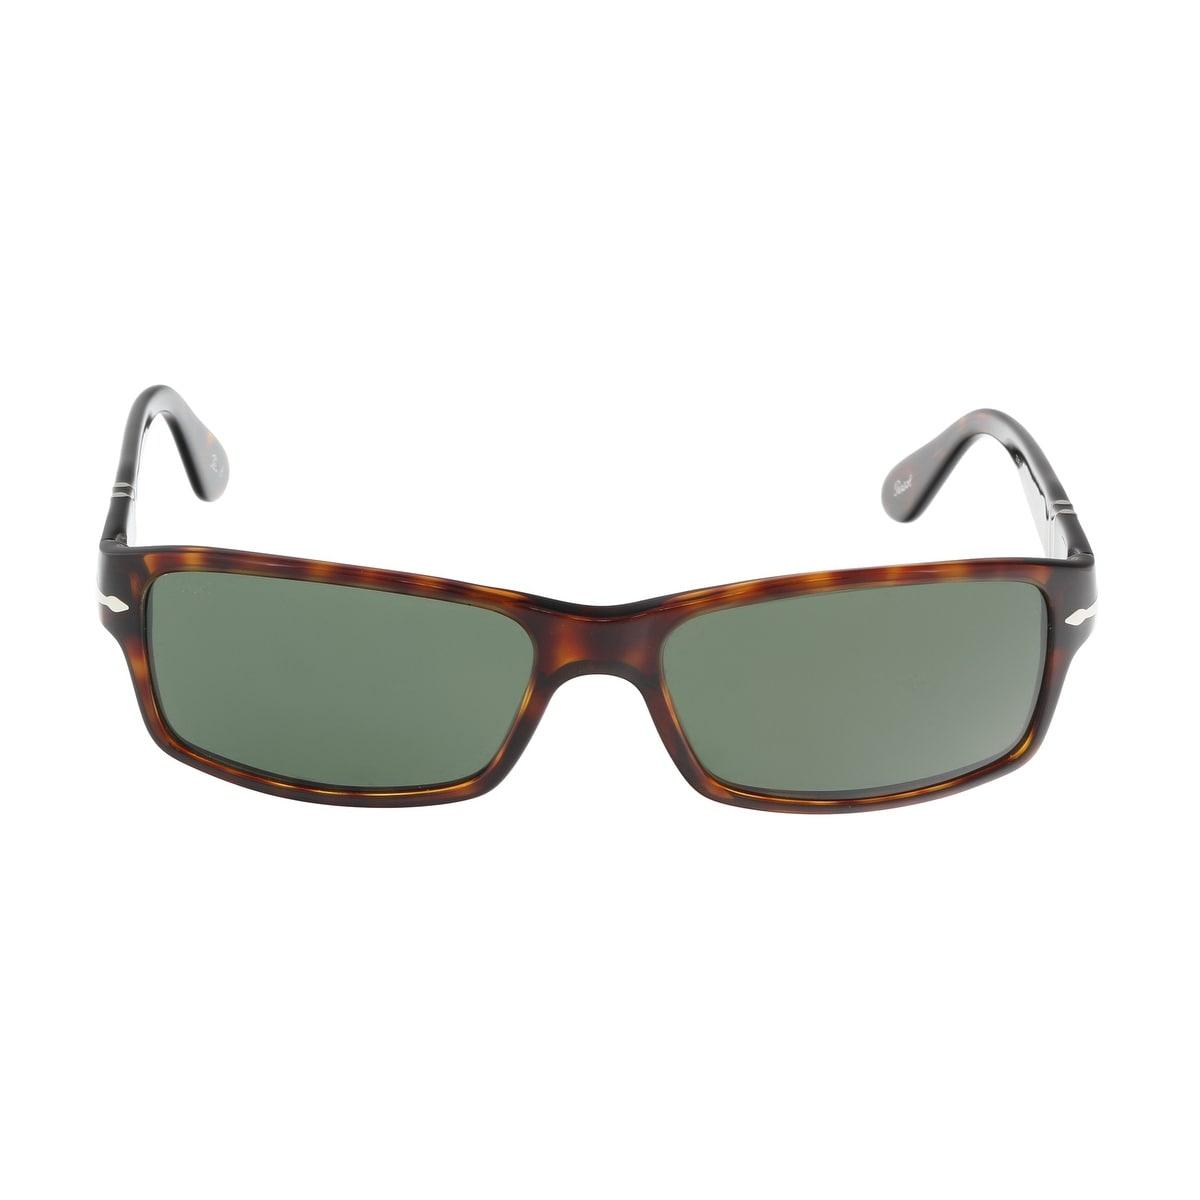 159ef761e0da1 Shop Persol PO2747S 24 31 Brown Gold Rectangle Sunglasses - 57-16 ...